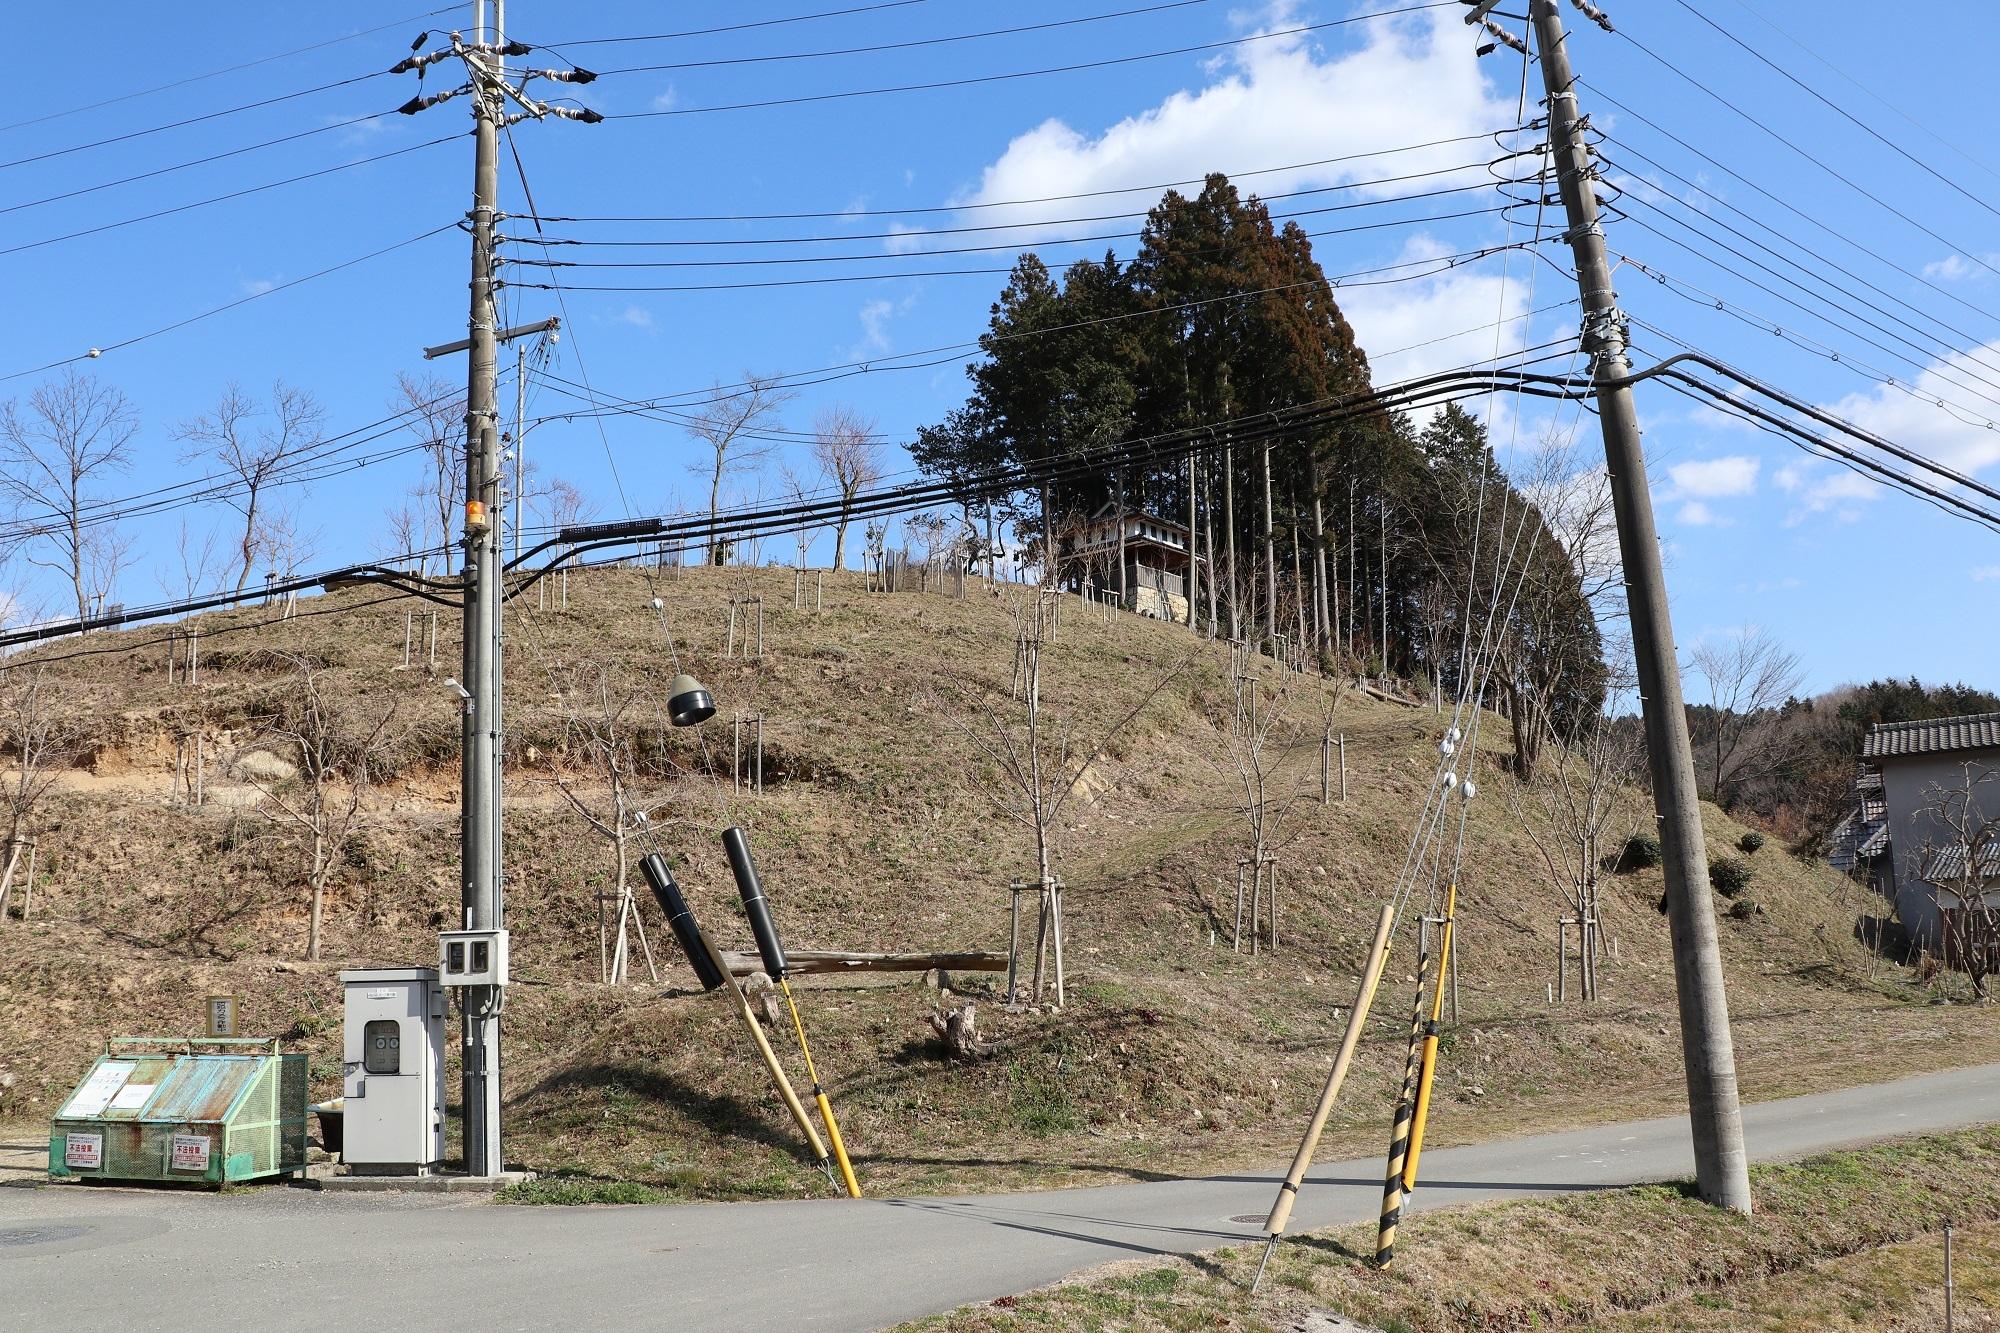 なんとなく城跡巡り      主に近畿地方を中心に愛車CBR400Rで城跡を巡っています